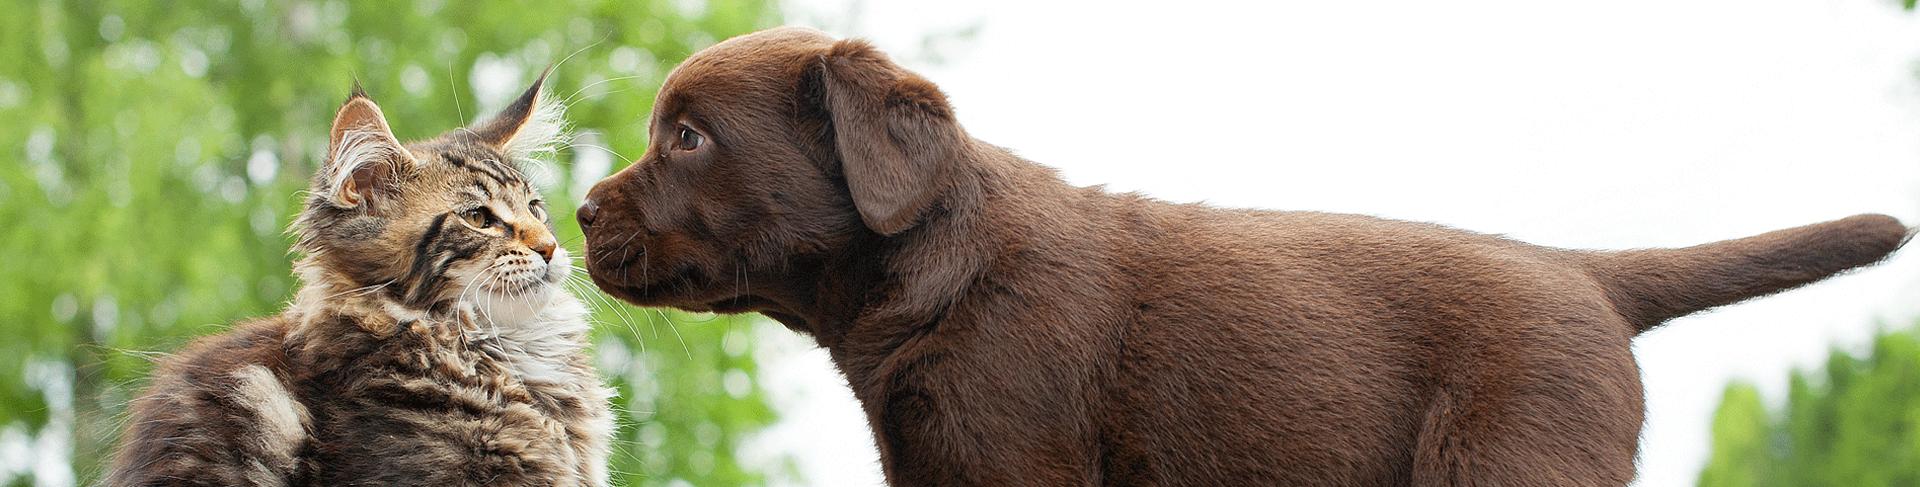 Cibo biologico per cani e gatti giardango for Miglior cibo per gatti